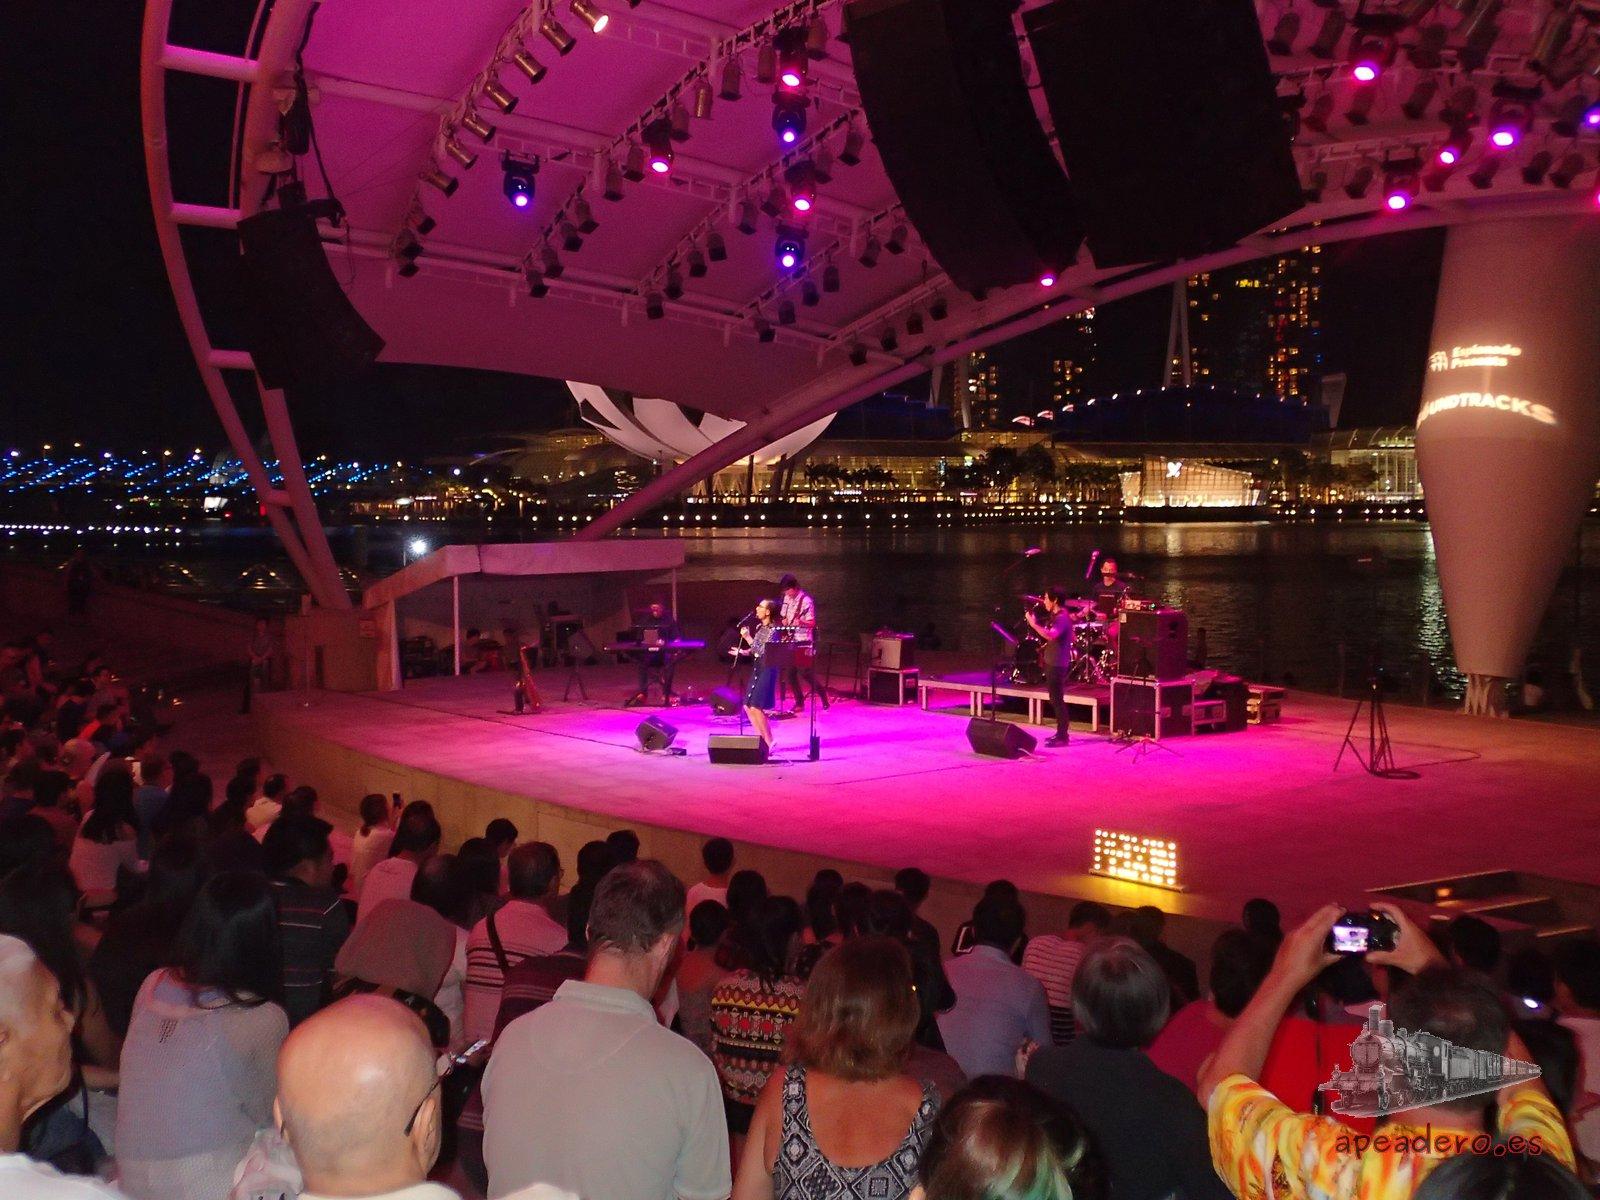 Conciertos gratuitos en la explanada de Singapur